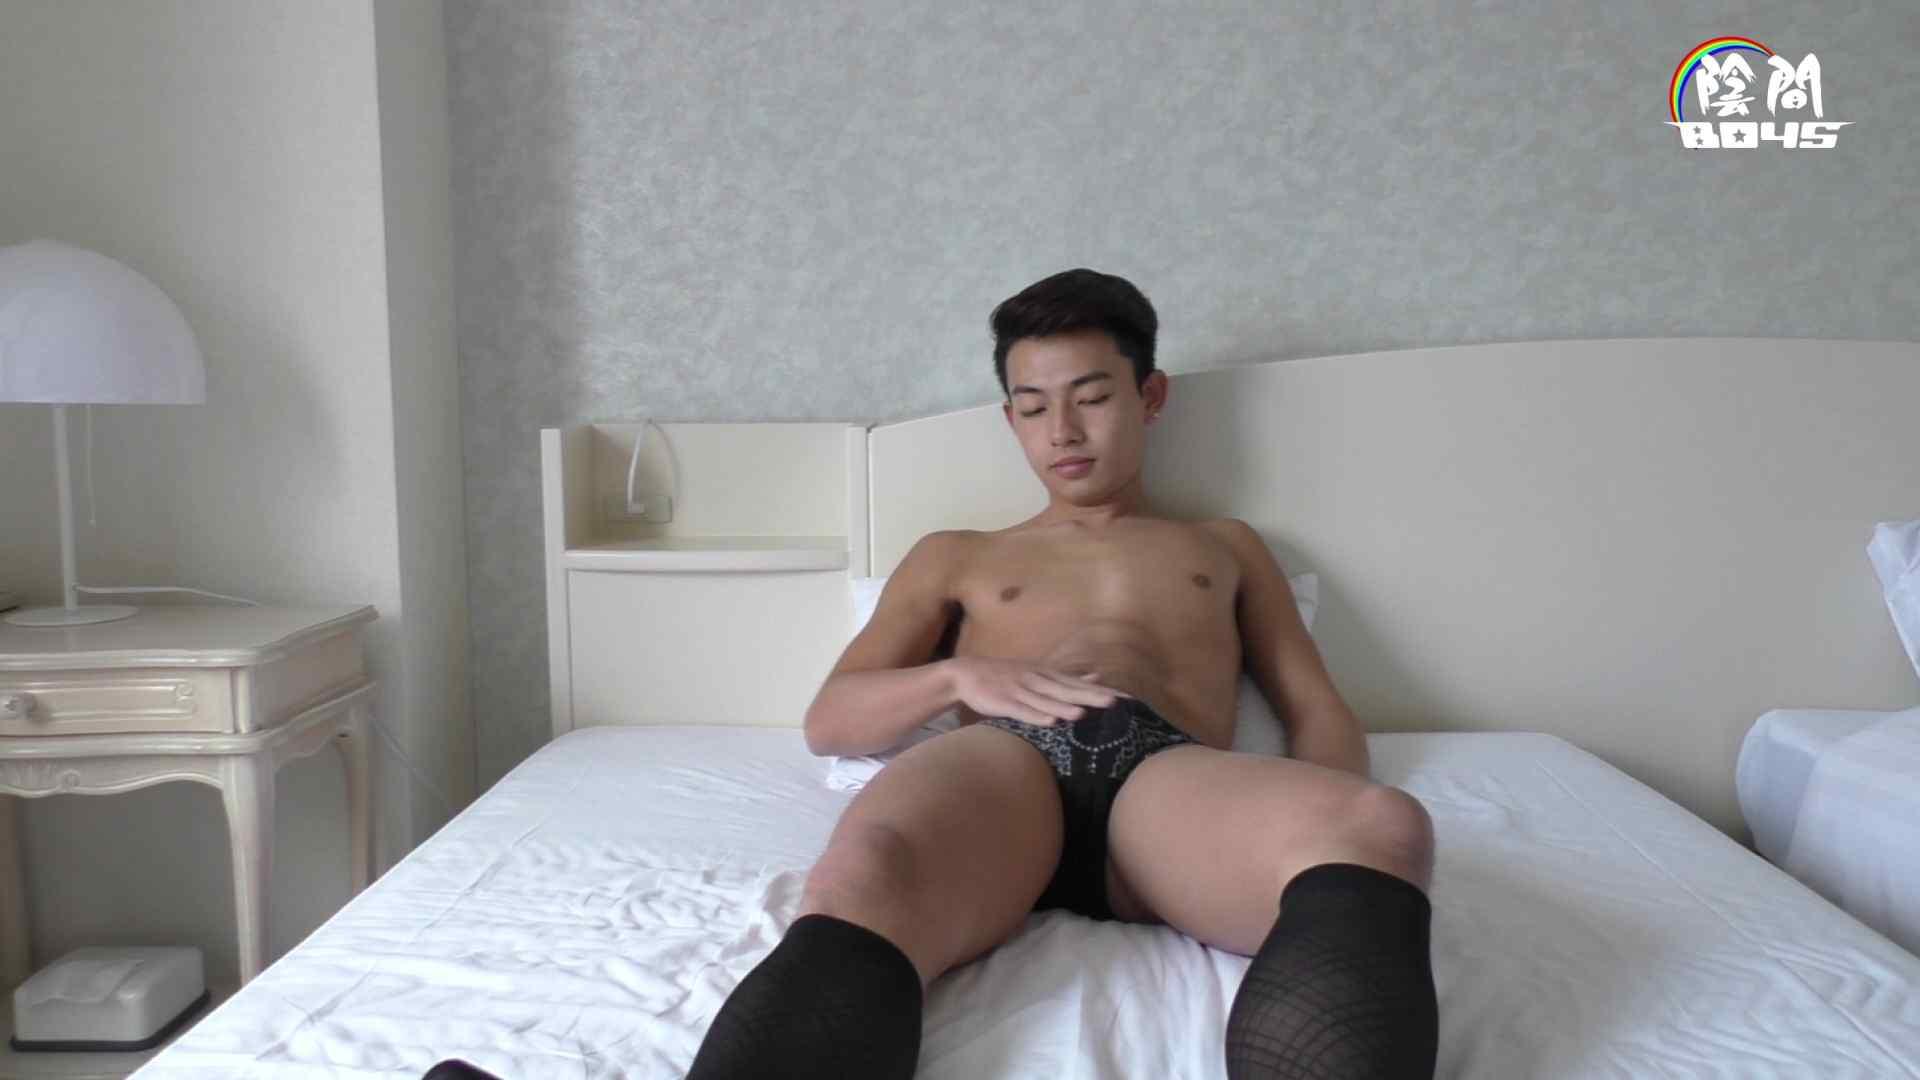 「君のアナルは」part2 ~ノンケの素顔~ Vol.01 肉まつり ゲイセックス画像 92pic 80